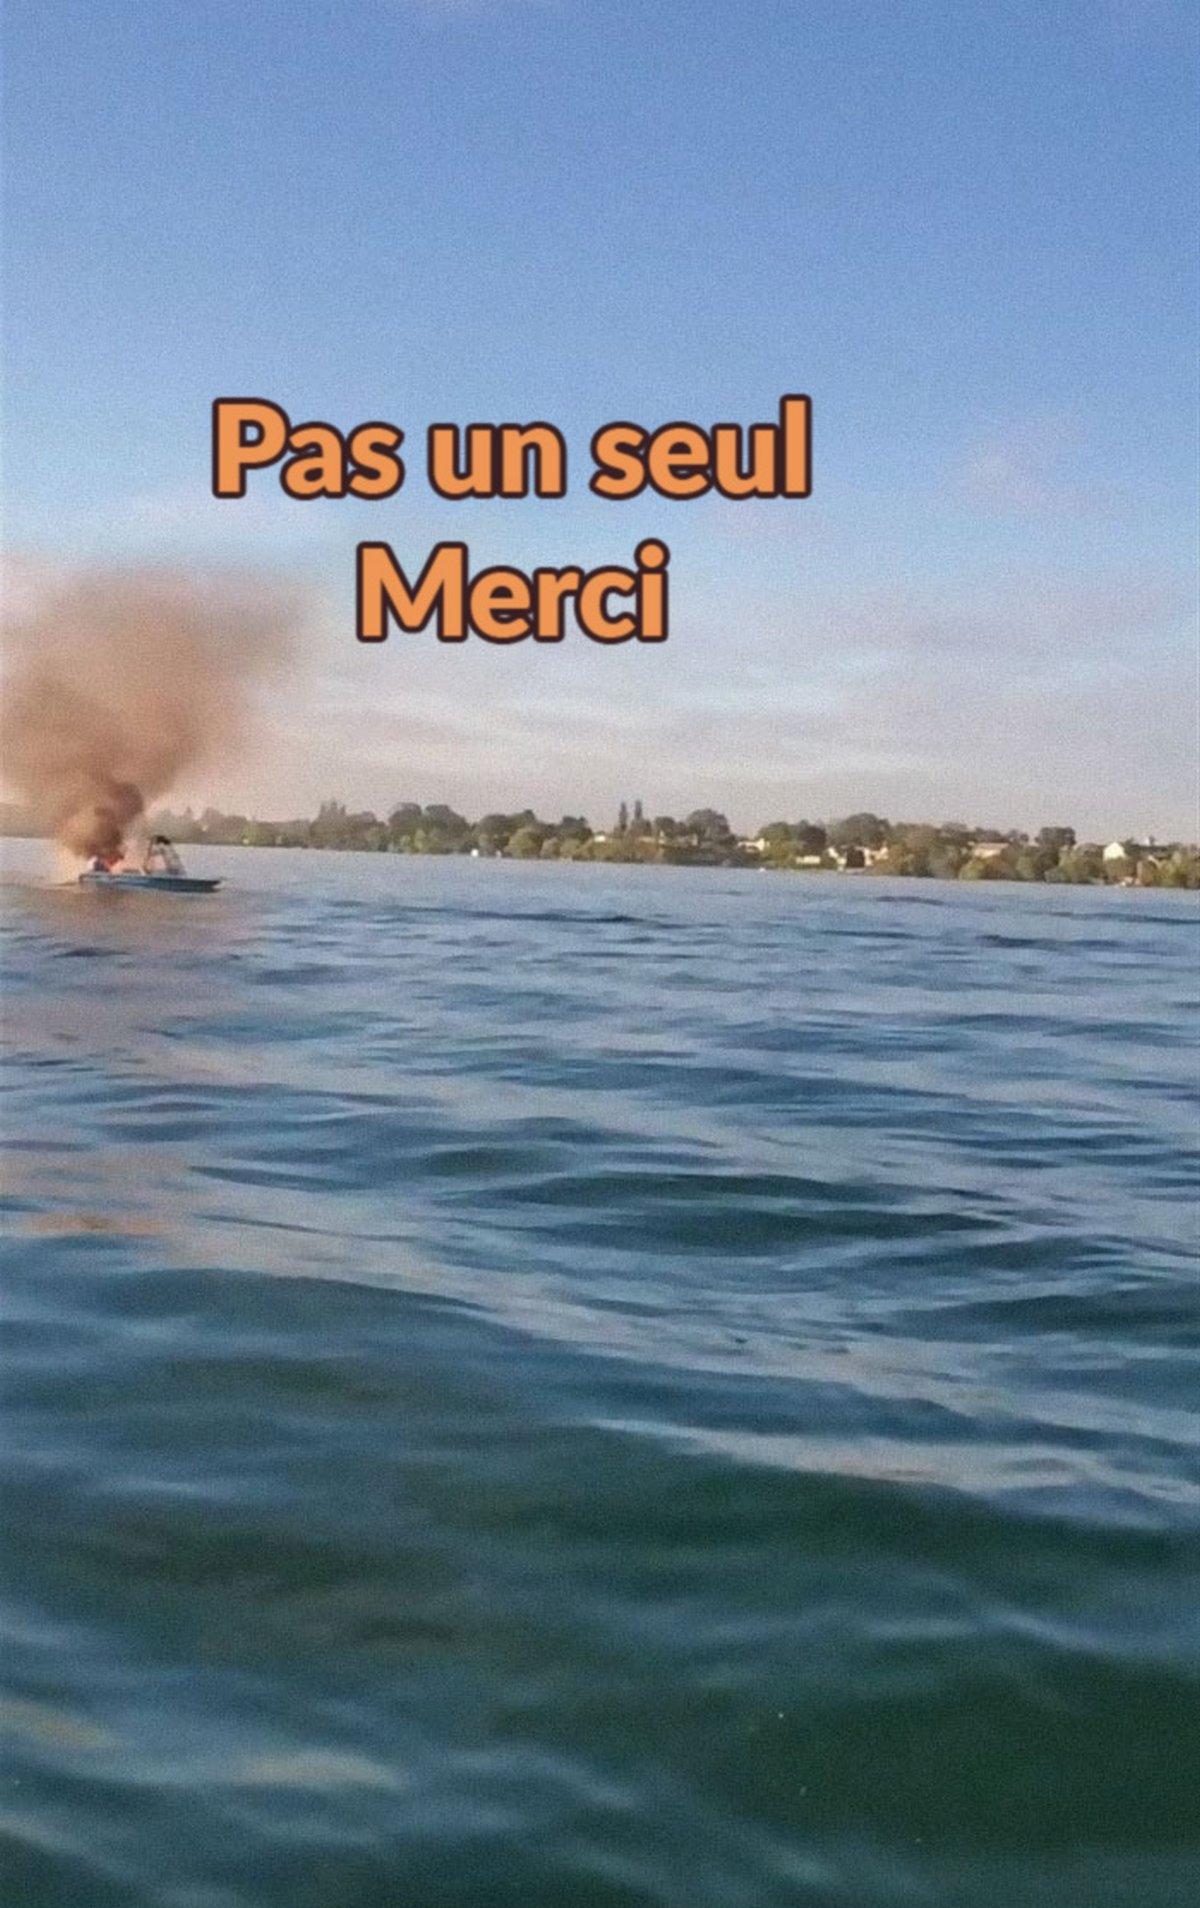 Des homophobes en détresse nagent vers le bateau des personnes LGBT qu'ils venaient de harceler après l'explosion de leur propre bateau